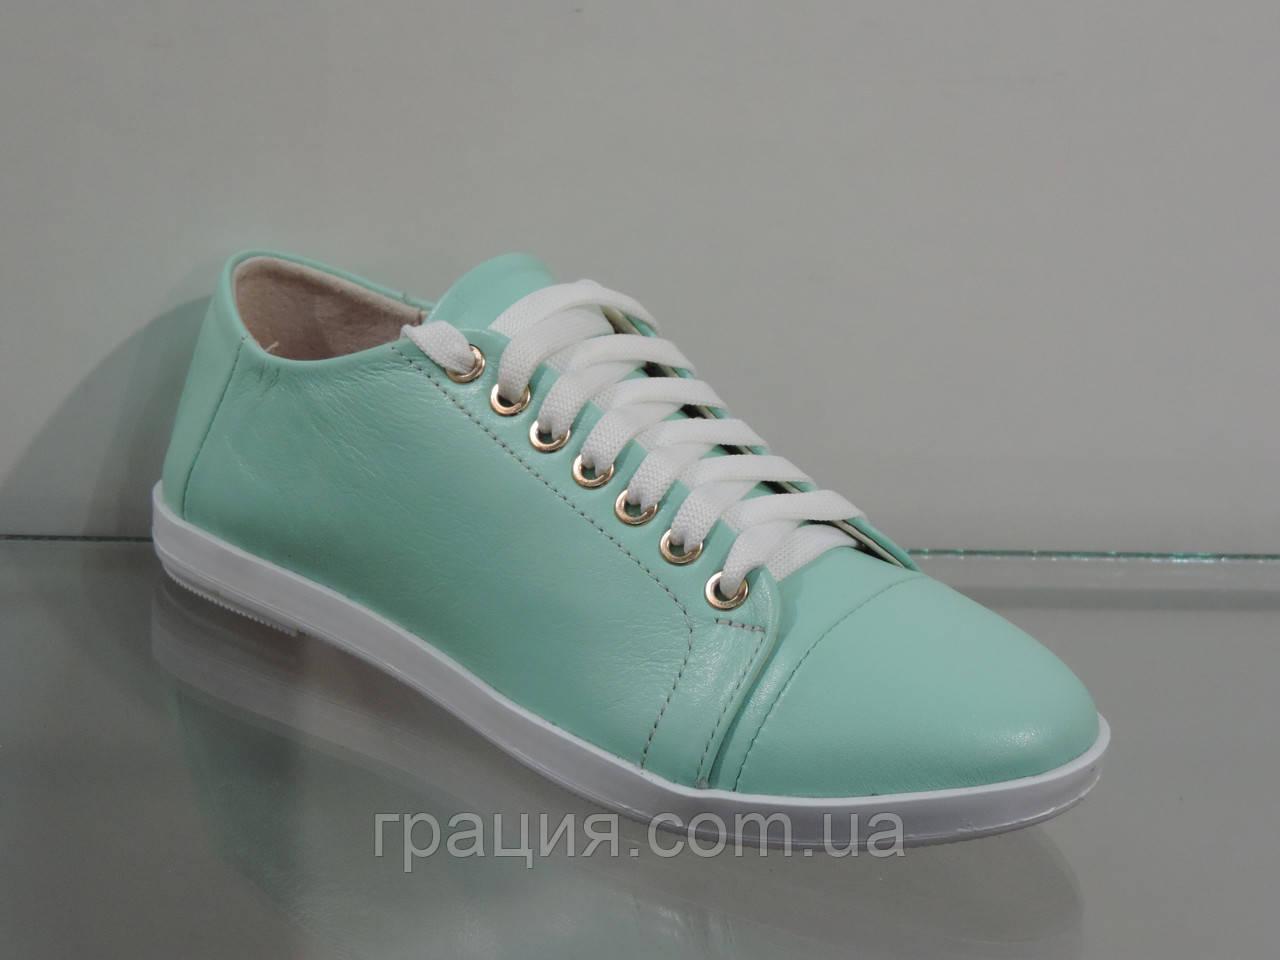 Шкіряні жіночі туфлі на шнурівці колір м'ята